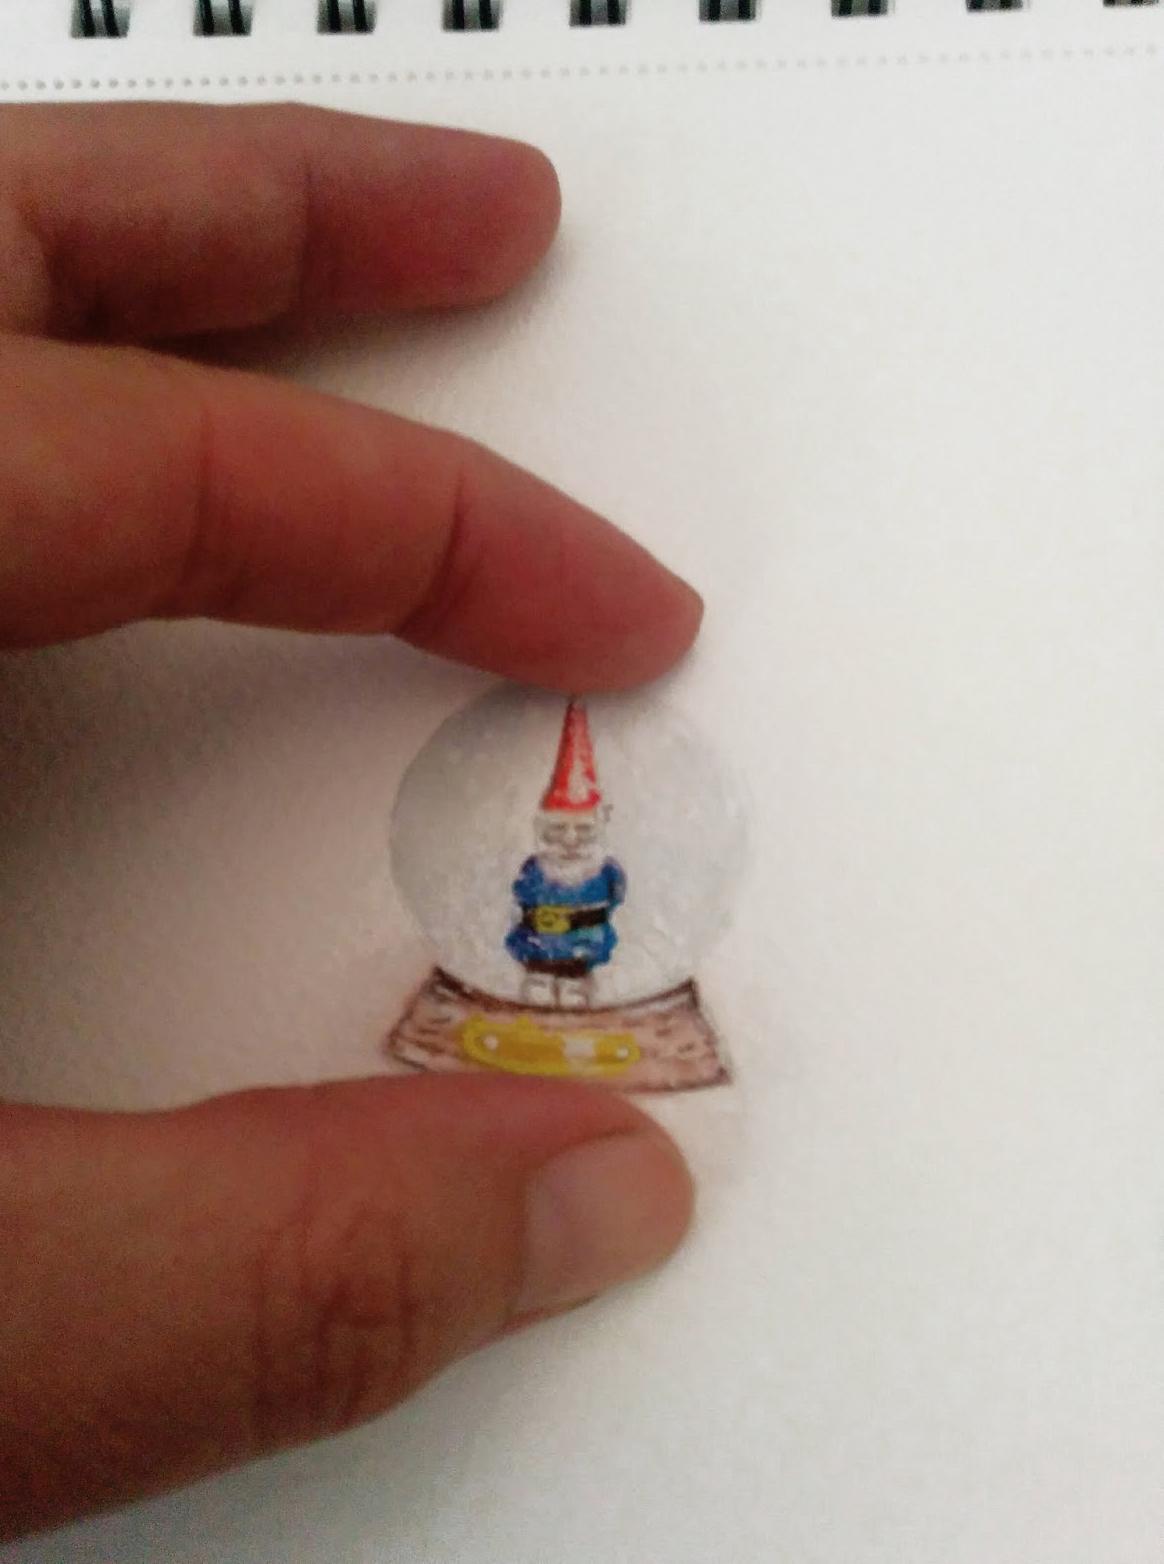 Desirée's-schilte-miniature-3.jpg